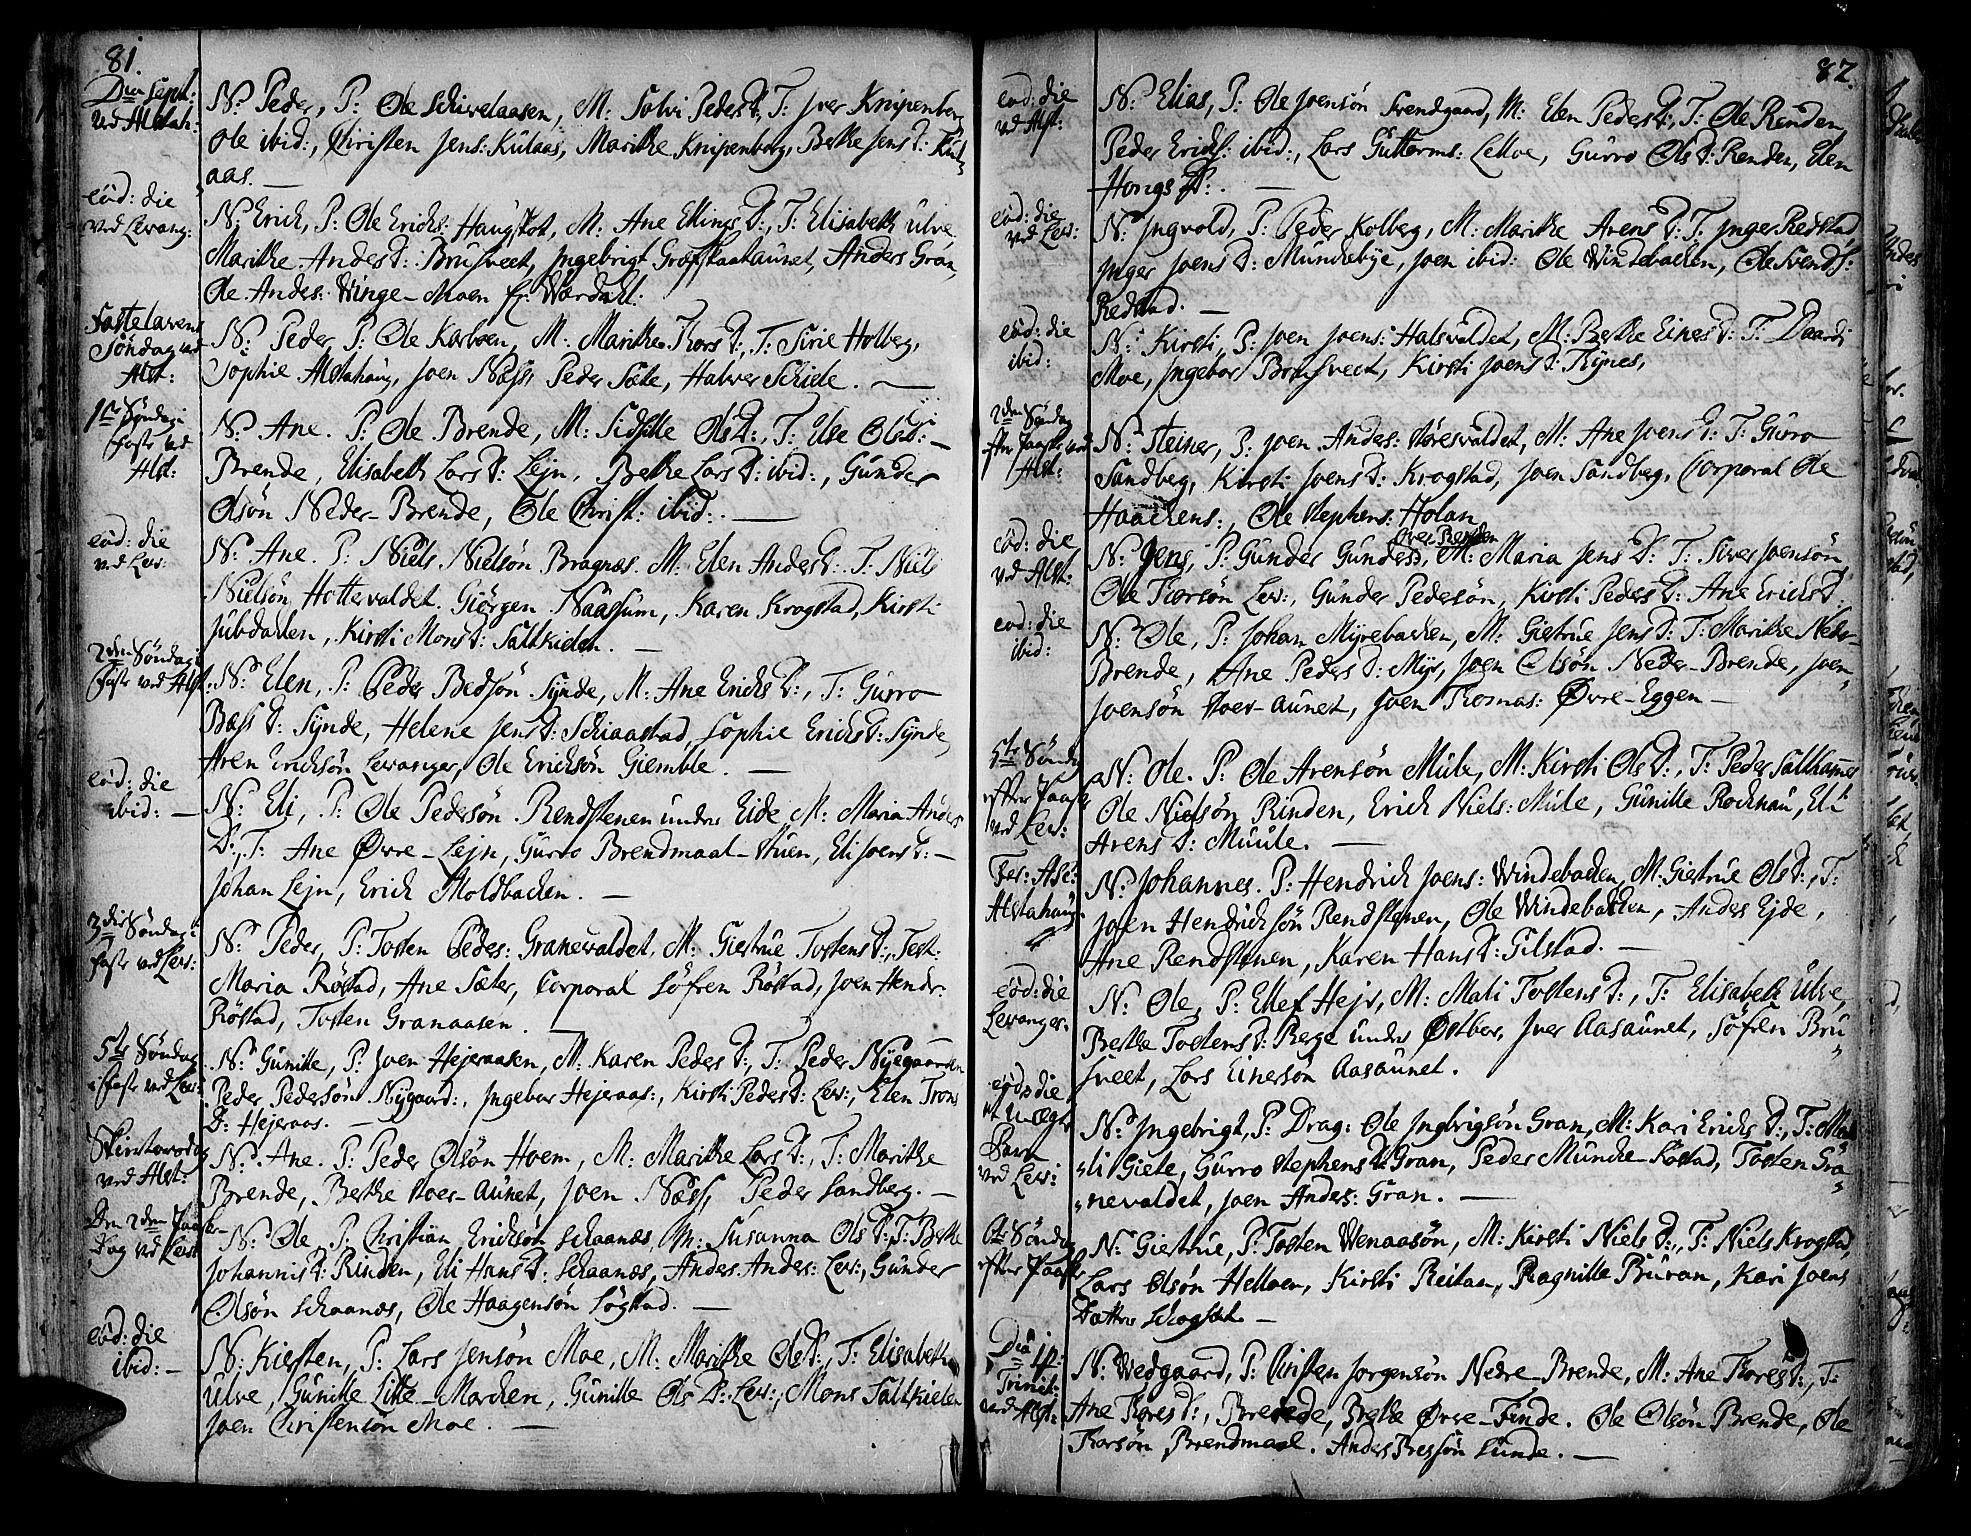 SAT, Ministerialprotokoller, klokkerbøker og fødselsregistre - Nord-Trøndelag, 717/L0141: Ministerialbok nr. 717A01, 1747-1803, s. 81-82